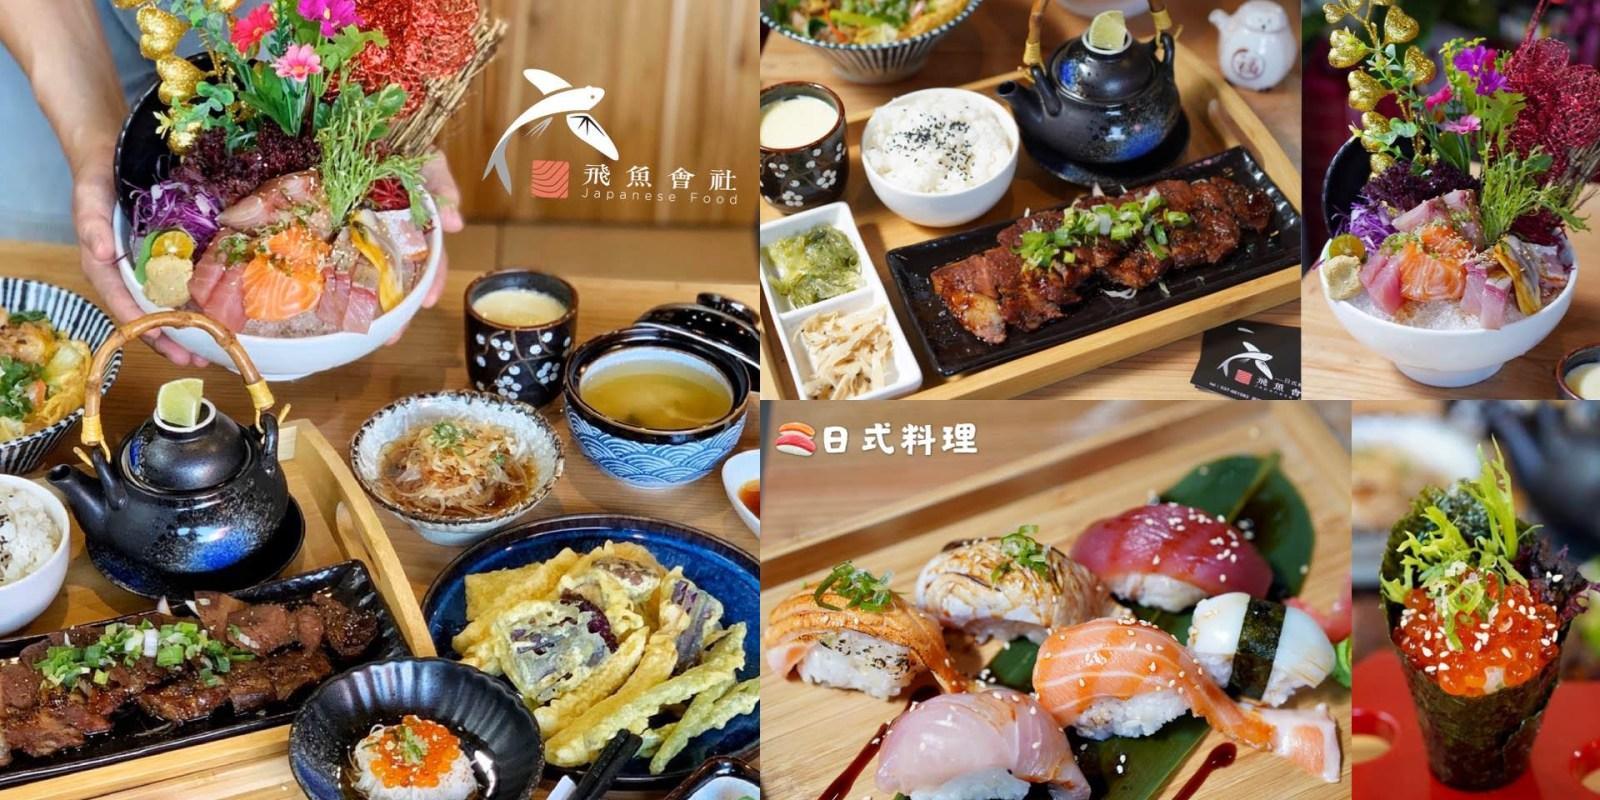 【苗栗美食】頭份文化路上新開幕日本料理『飛魚會社』餐點選擇多、用料實在且新鮮,聚餐新選擇!